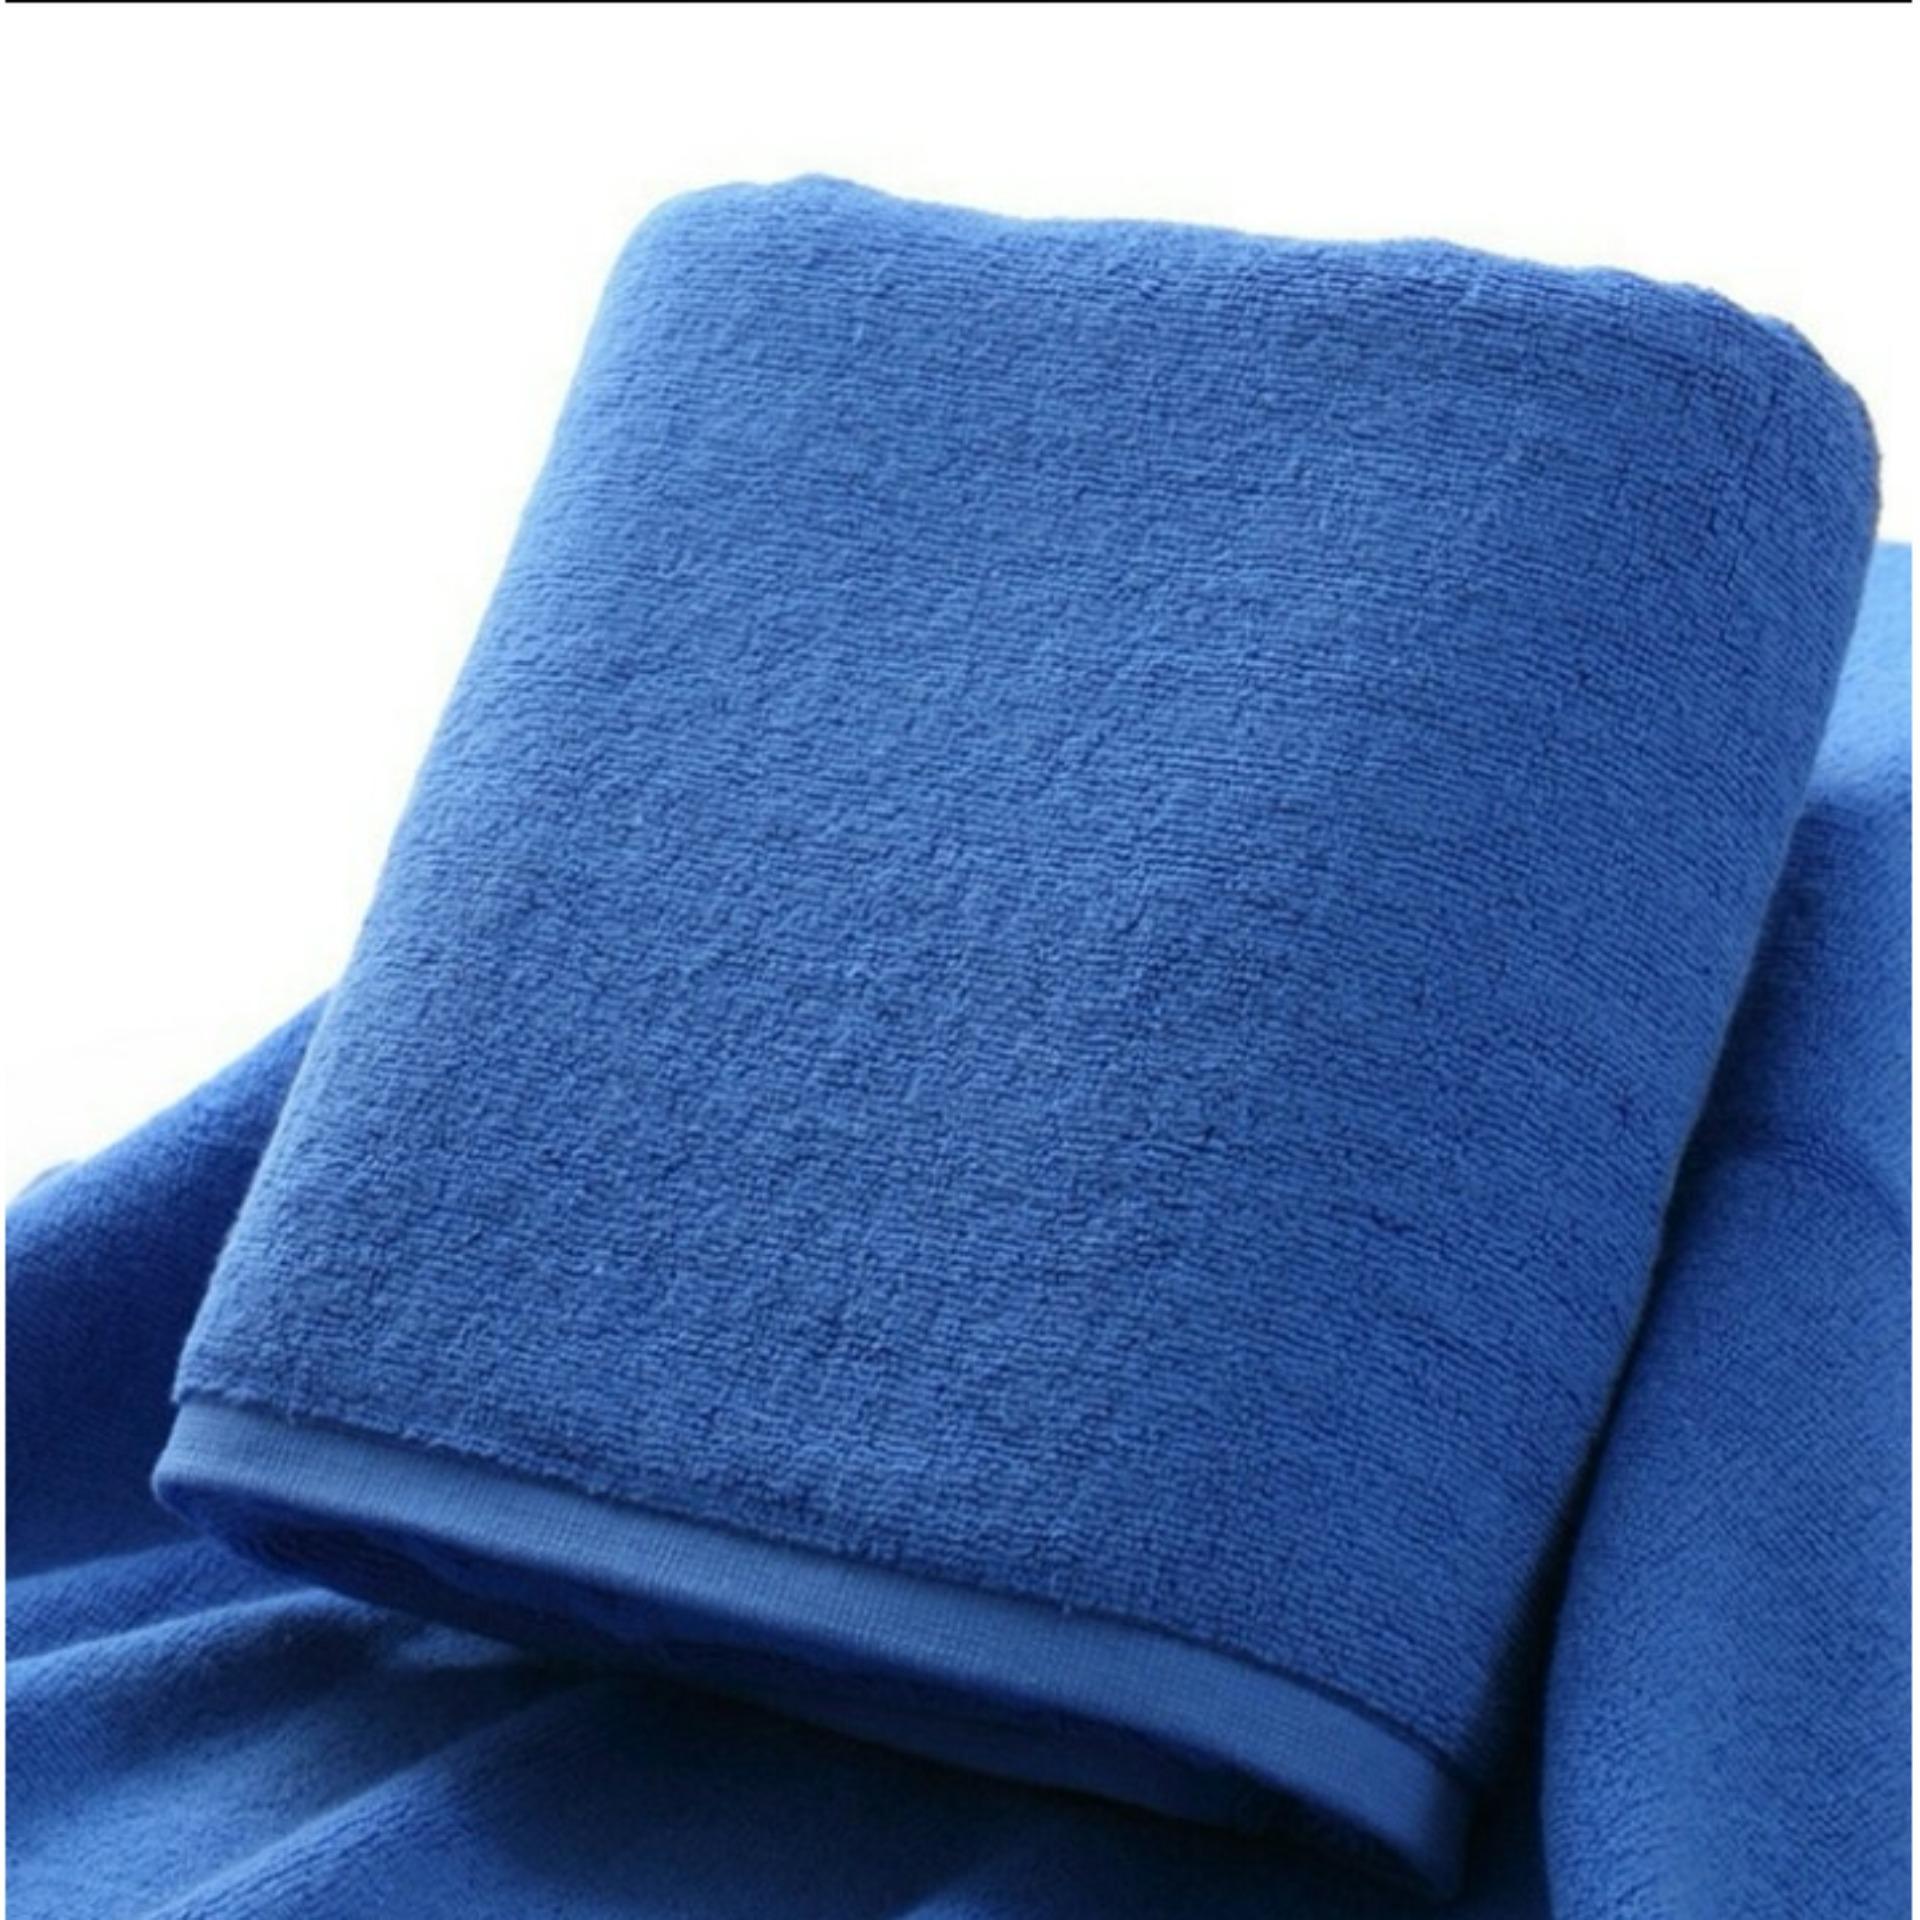 Bath Towel Dark Blue / Handuk Mandi / Renang Biru Tua Hotel Ukuran Besar Full 100% Premium Katun